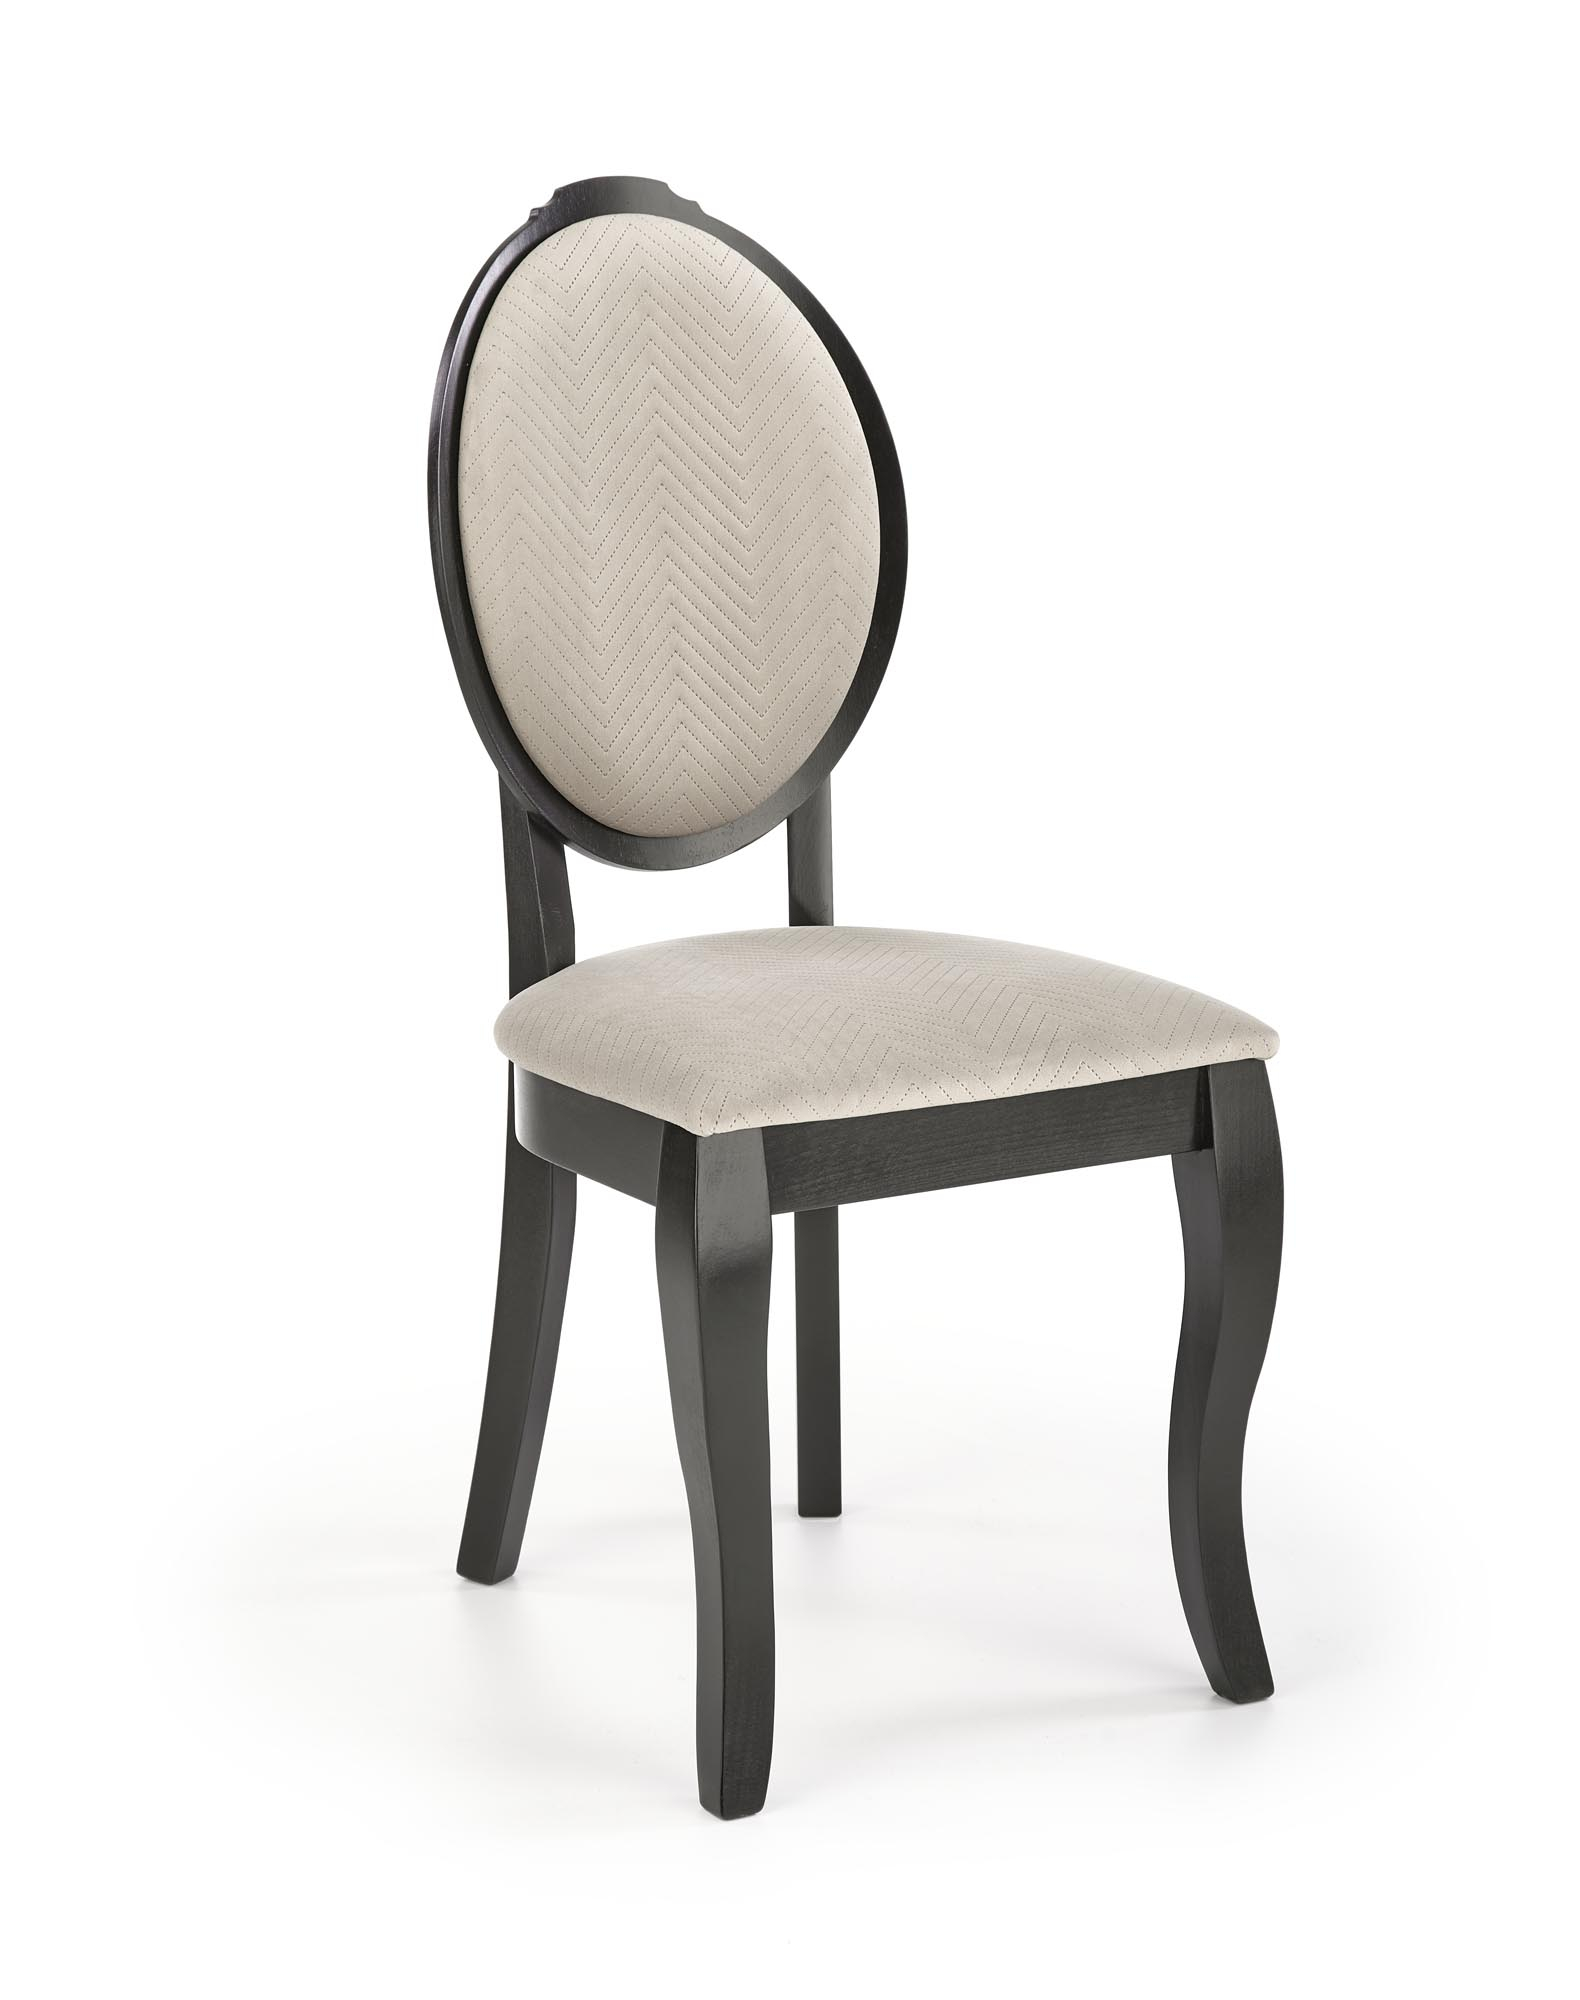 VELO krzesło kolor czarny/beżowy